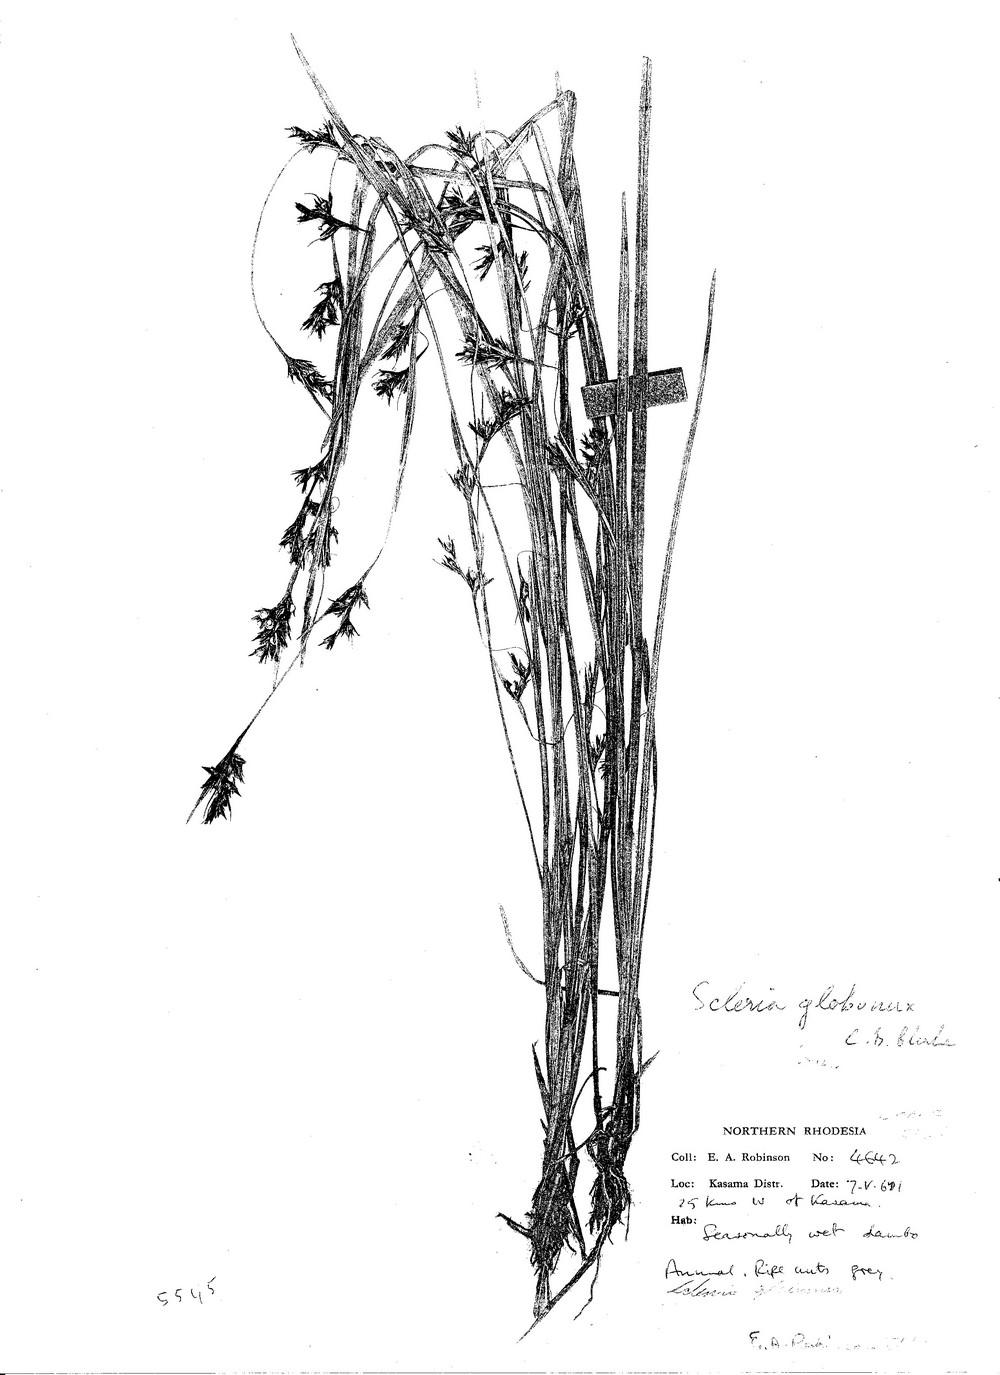 Scleria globonux